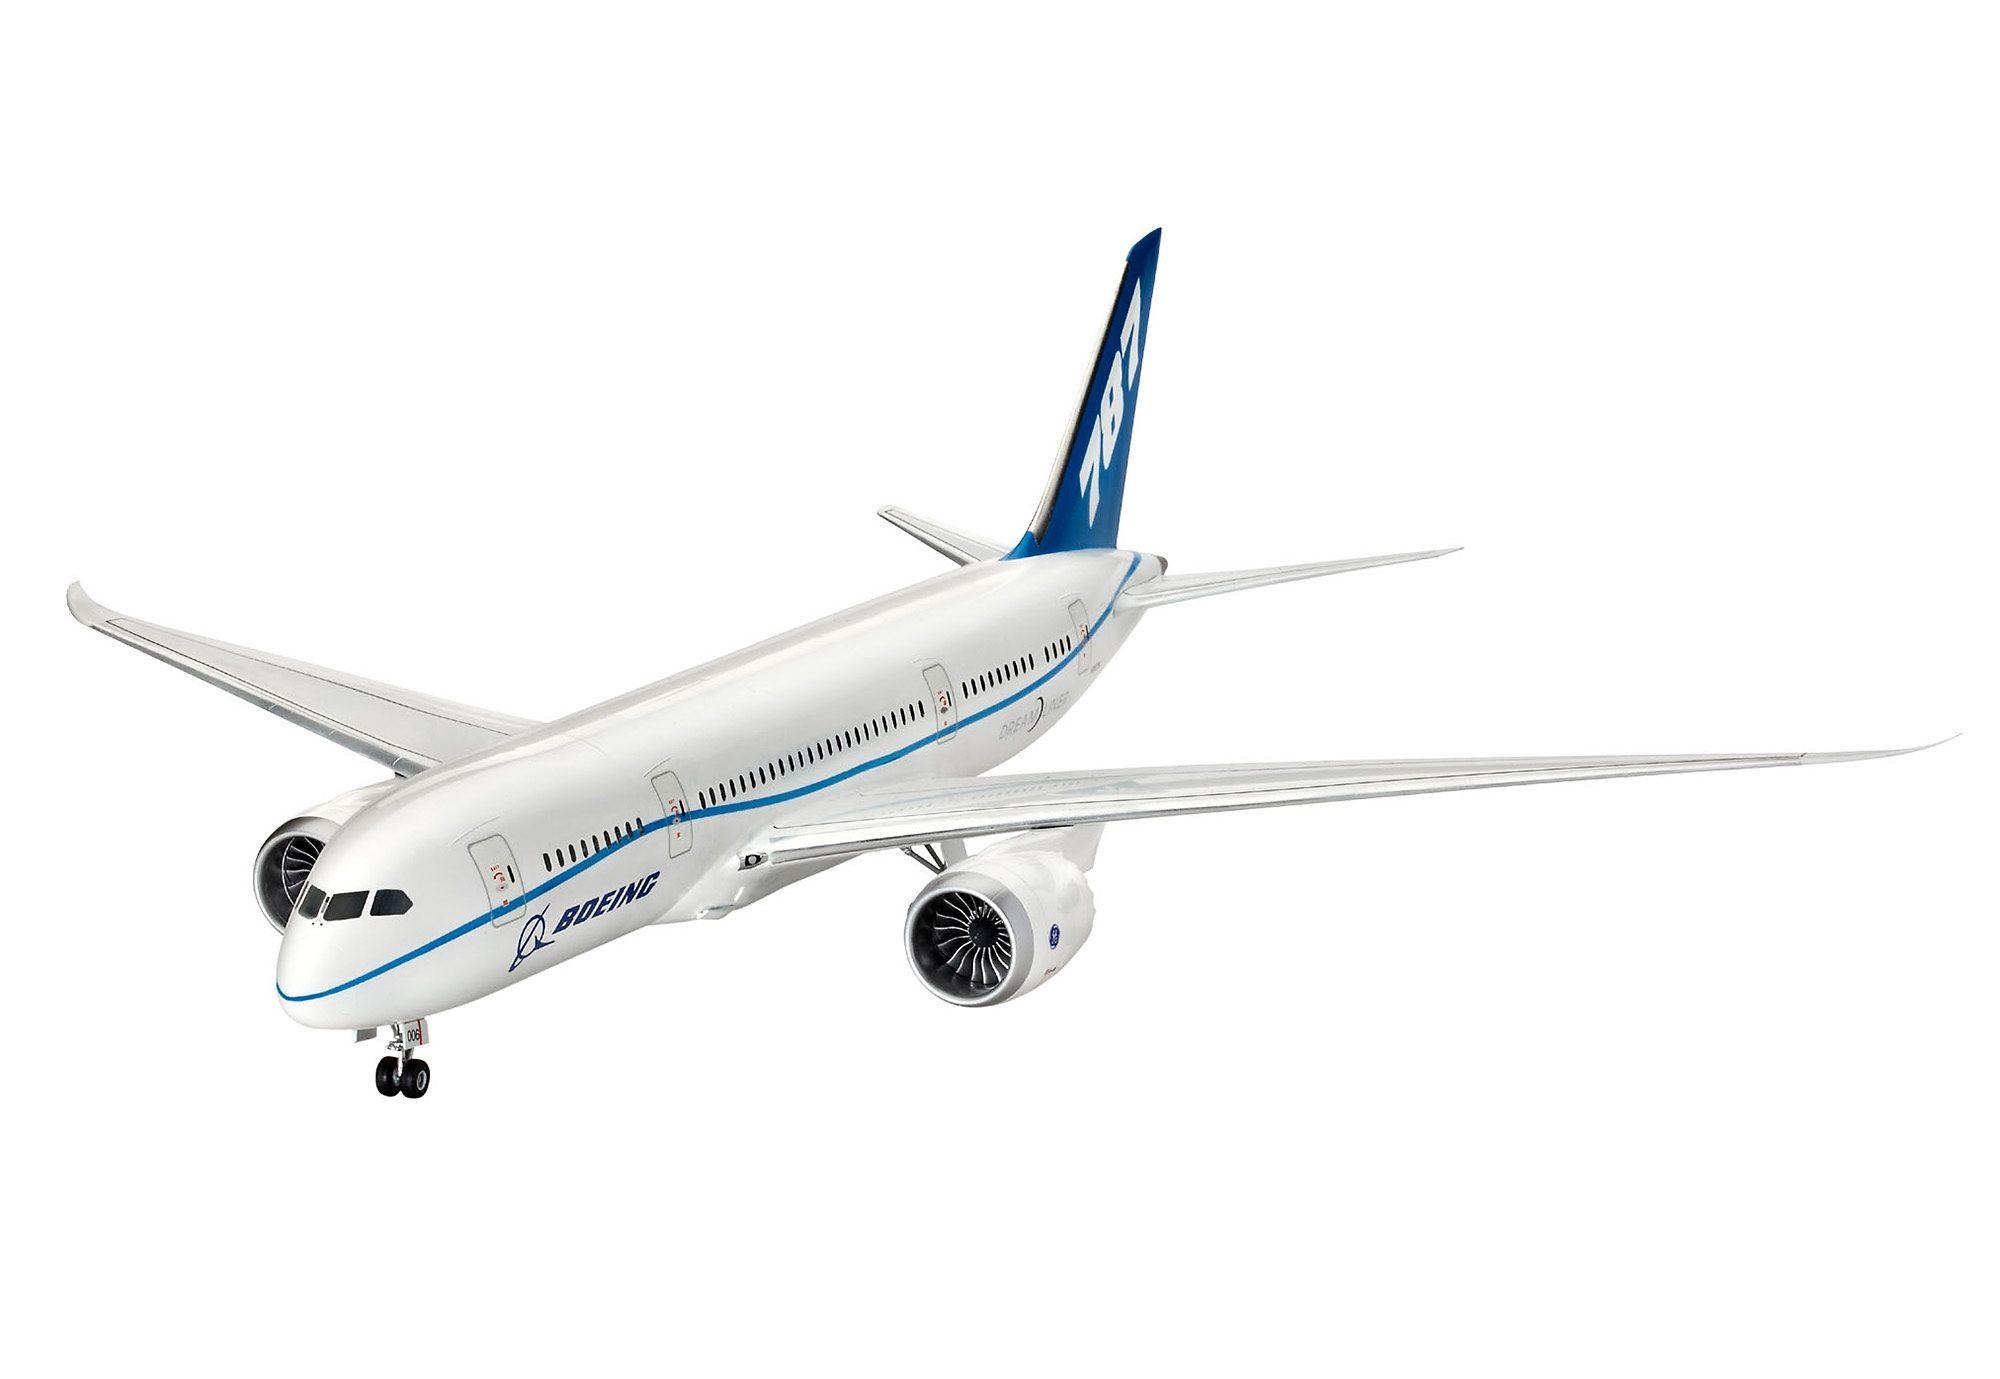 Revell® Modellbausatz Flugzeug, »Boeing 787-8 Dreamliner«, Maßstab 1:144